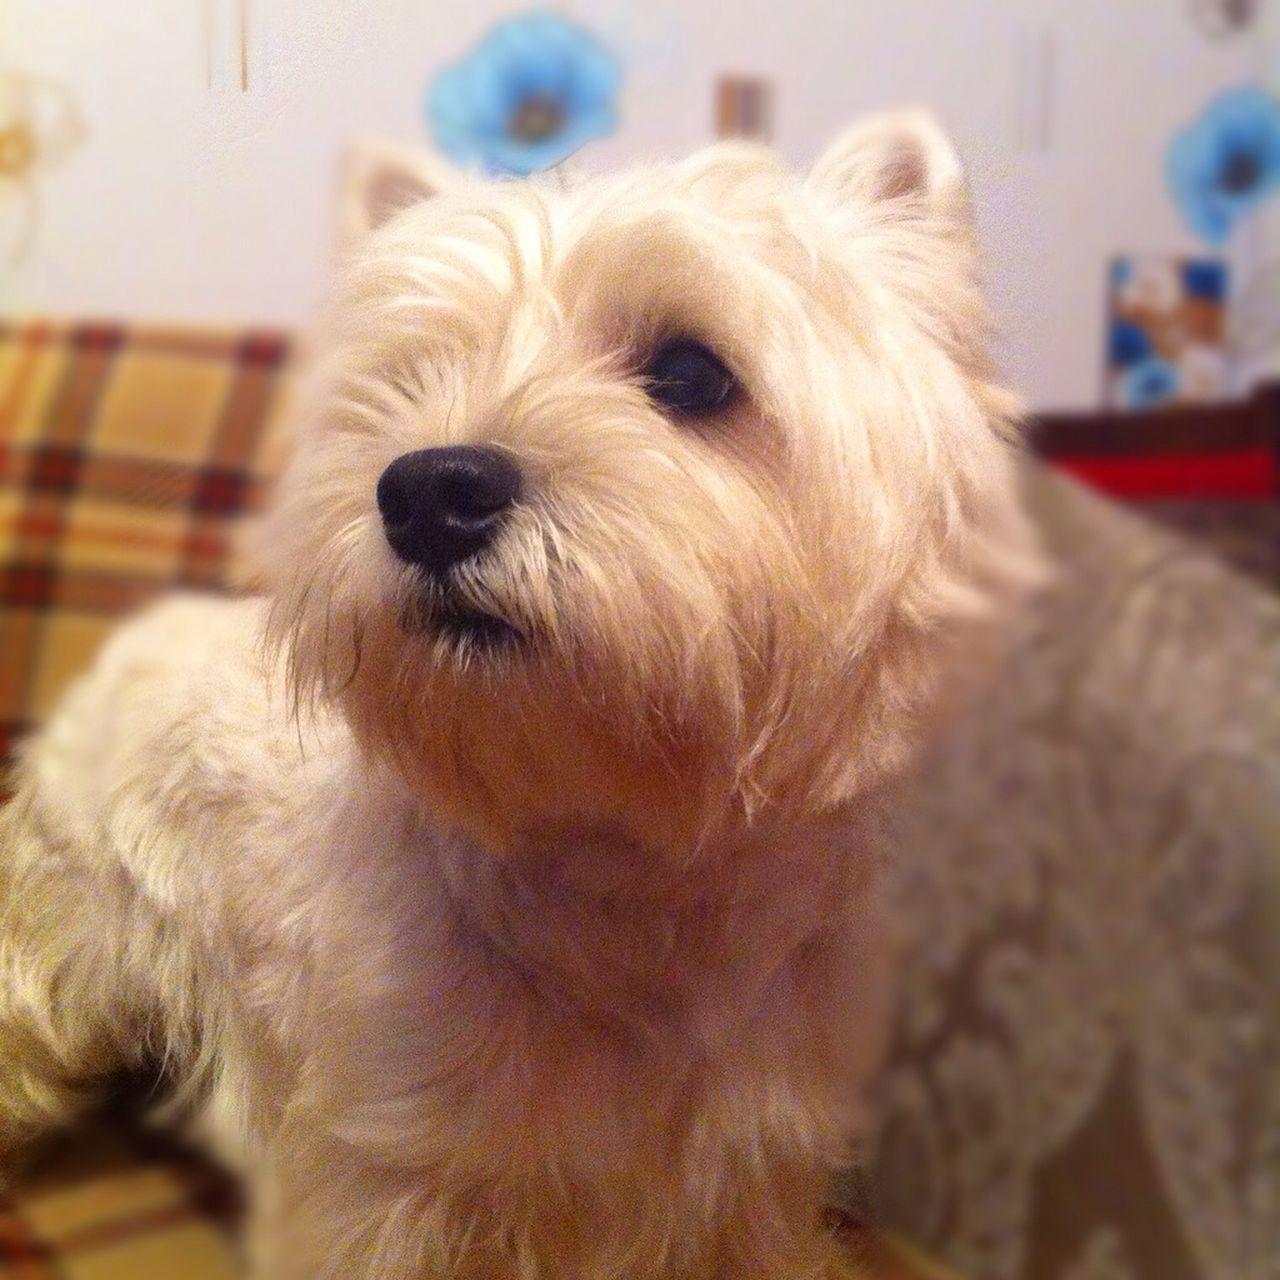 Dog Dog Love I Love My Dog My Dog